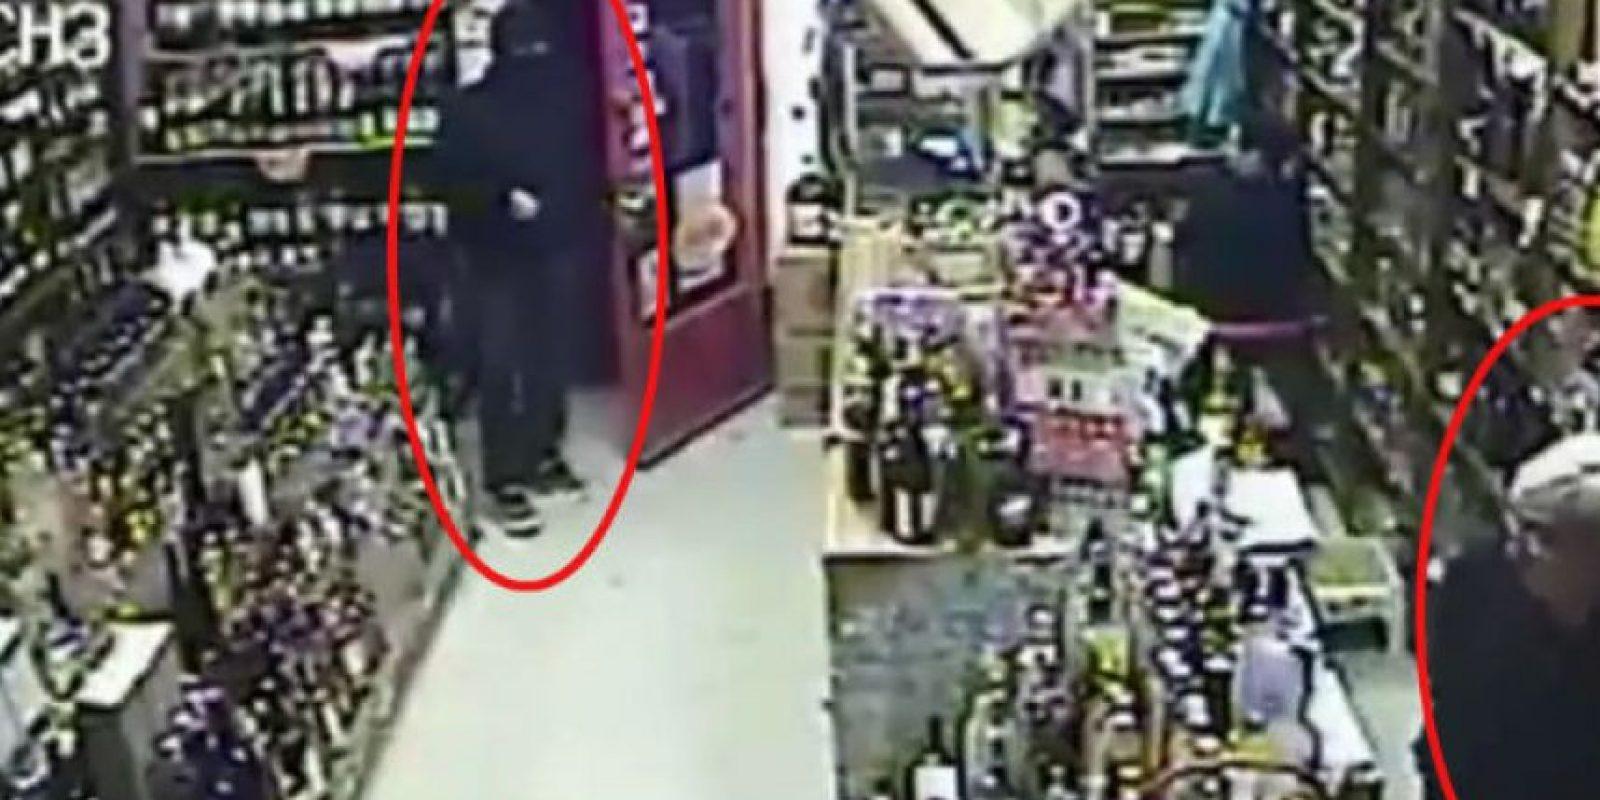 En las próximas imágenes: Ladrones en situaciones muy peculiares Foto:Liveleaks